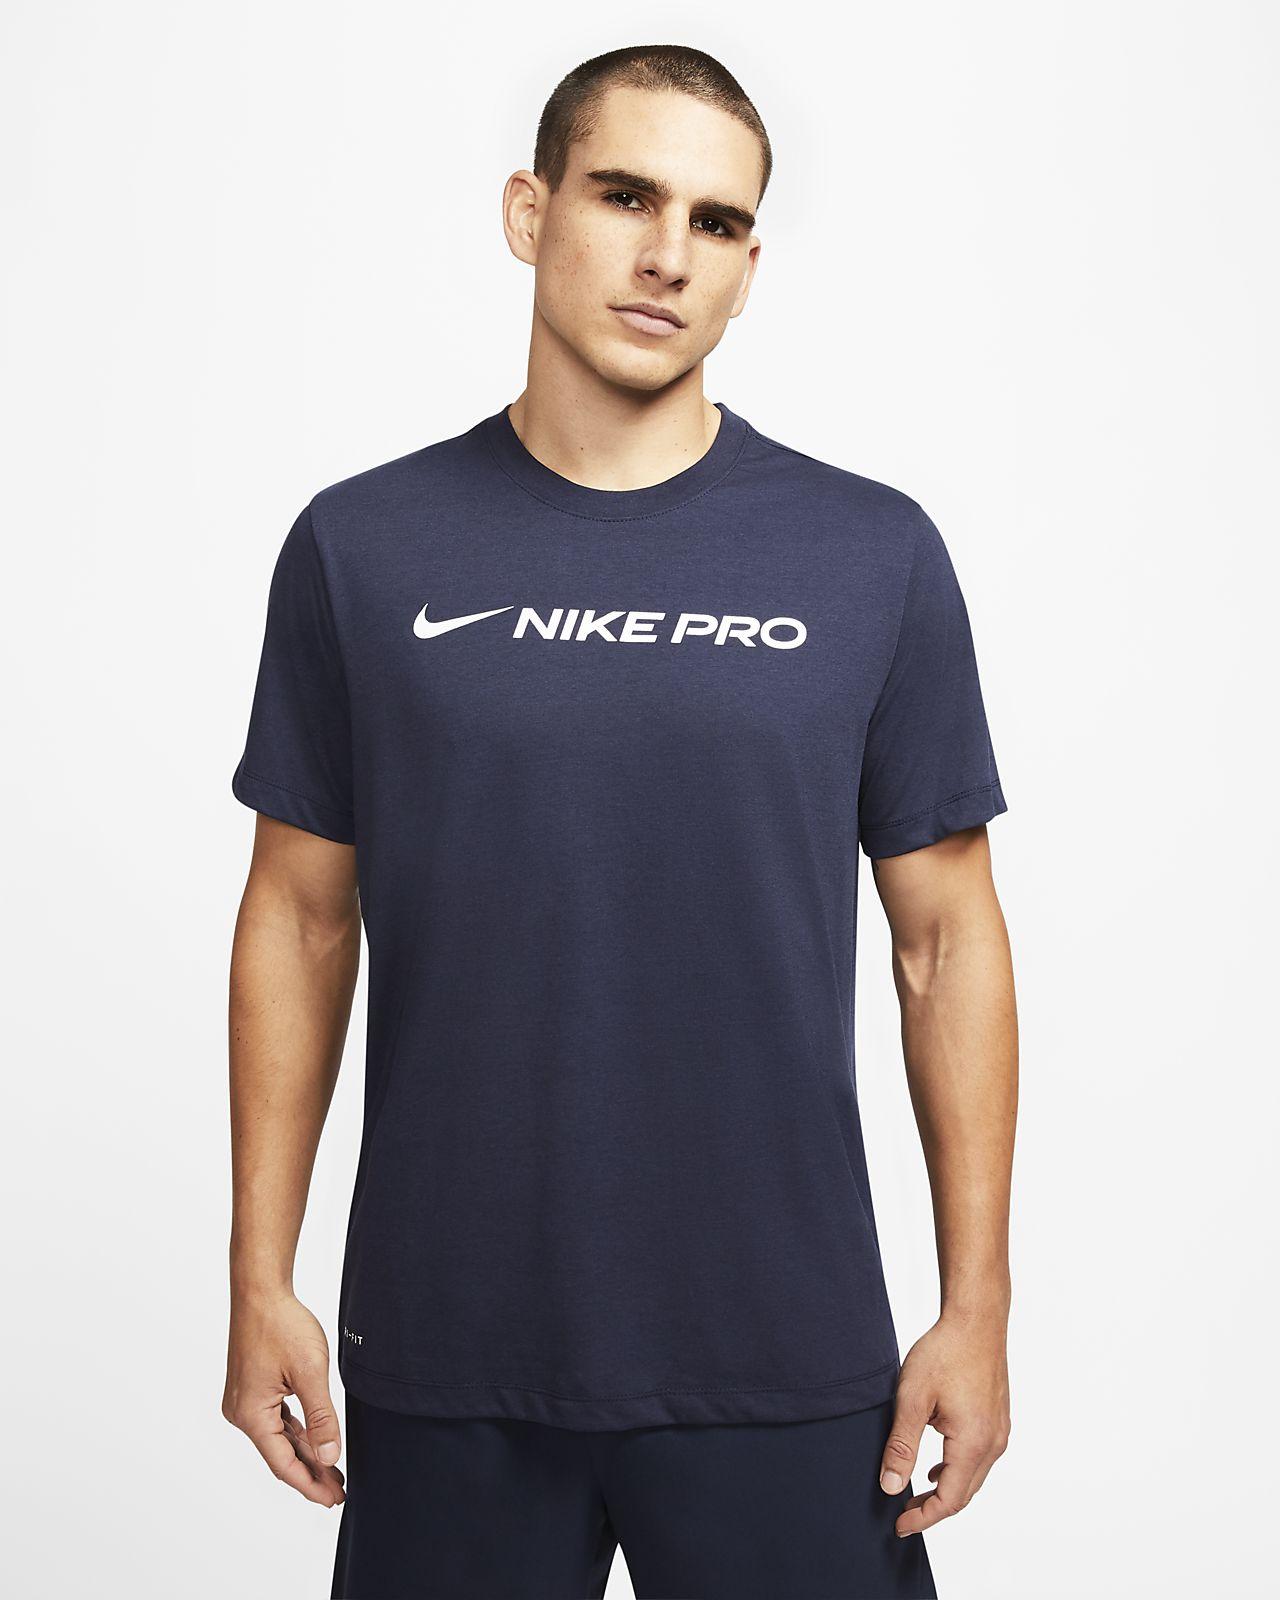 pattuglia Punto di riferimento Predecessore  nike training clothes where can i buy 992a6 fded8